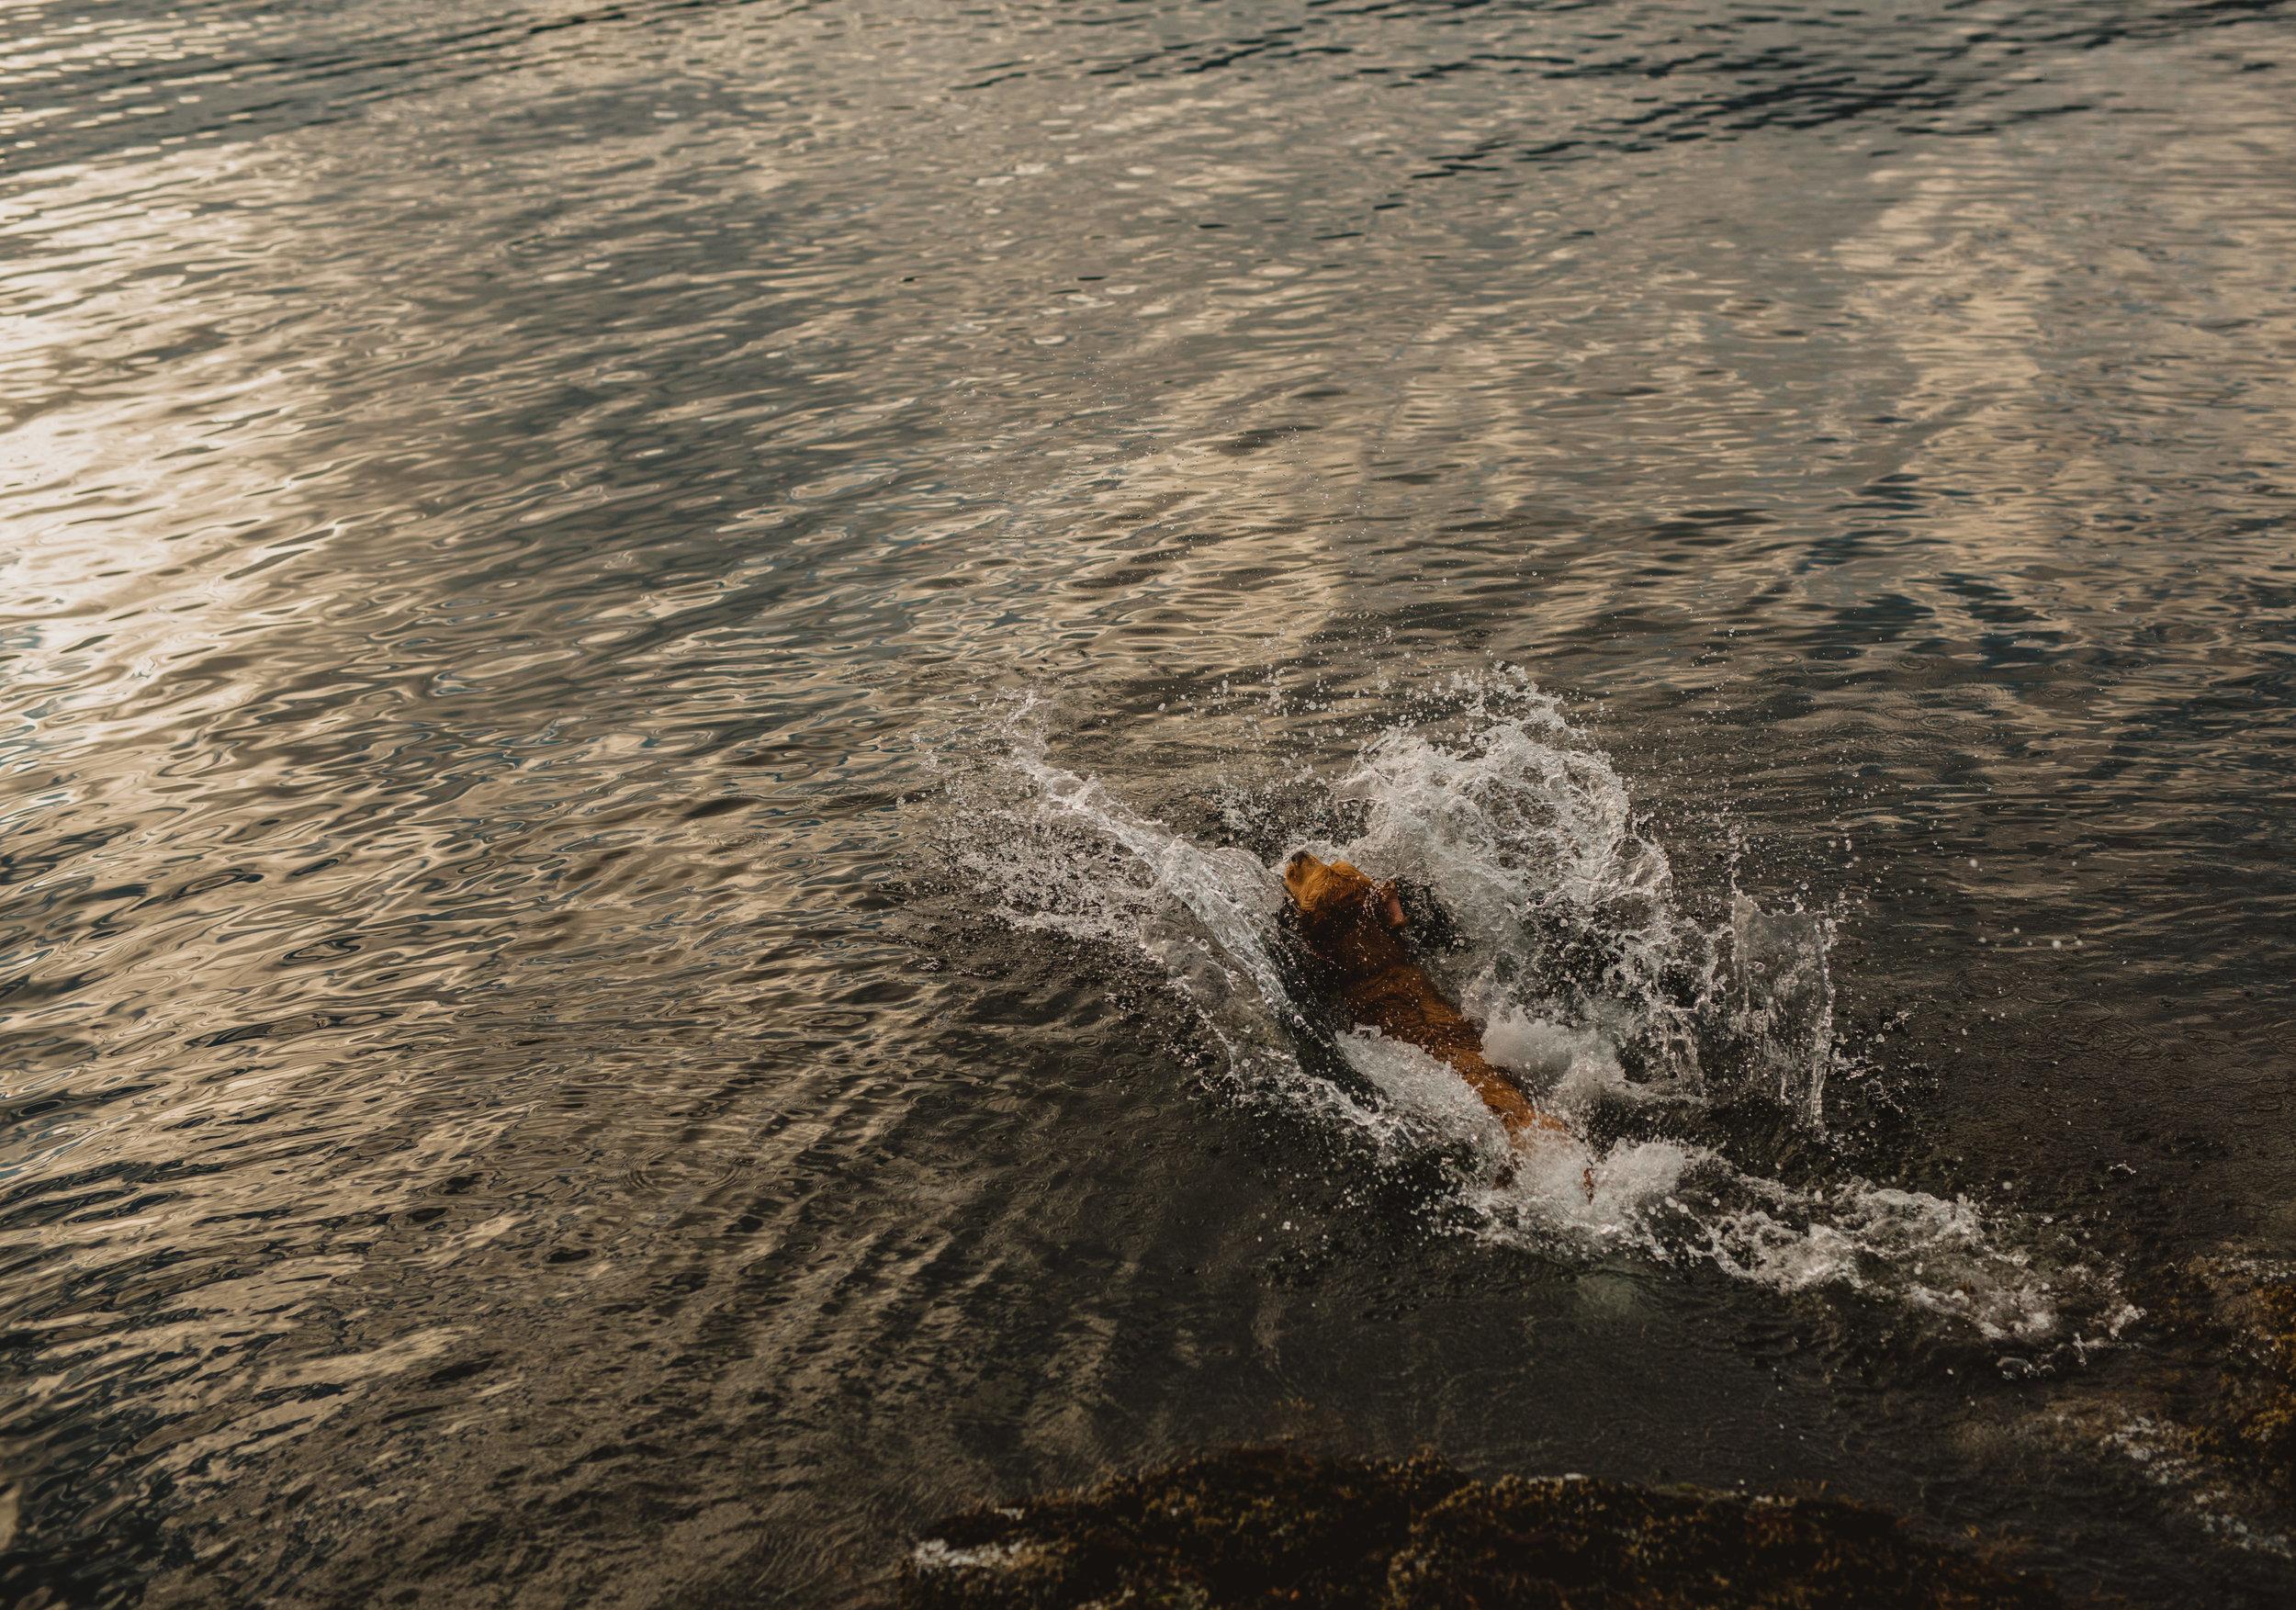 Keats Island Engagement Photos - Sunshine Coast Engagement Photos - Sunshine Coast Wedding Photographer - Vancovuer Wedding Photographer - Jennifer Picard Photography - IMG_0520.jpg